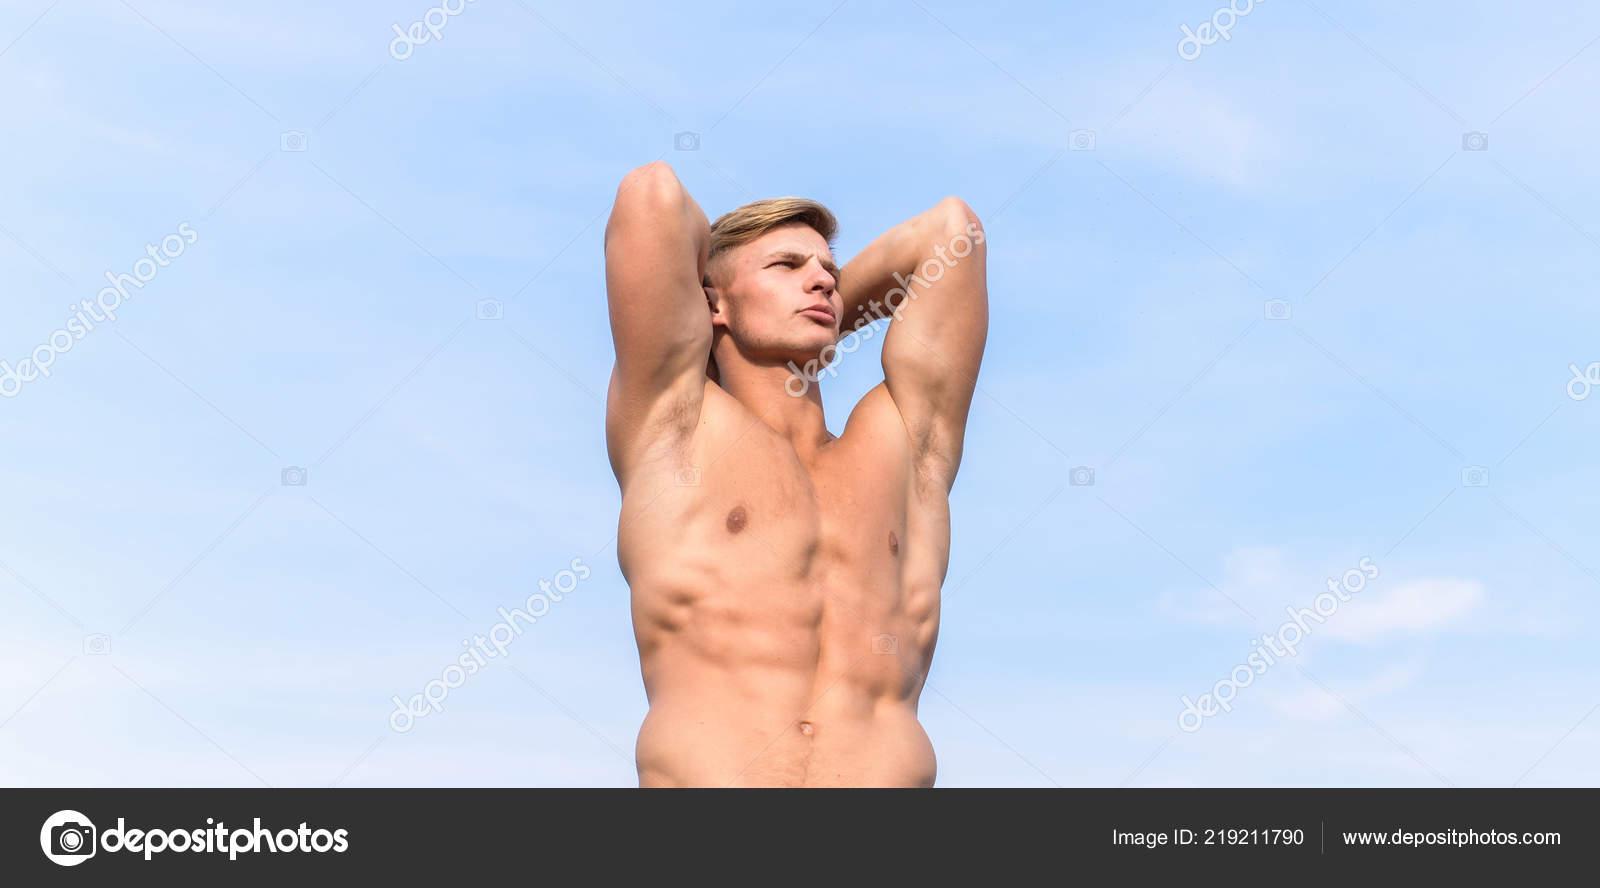 Сексуальность фото тел #3